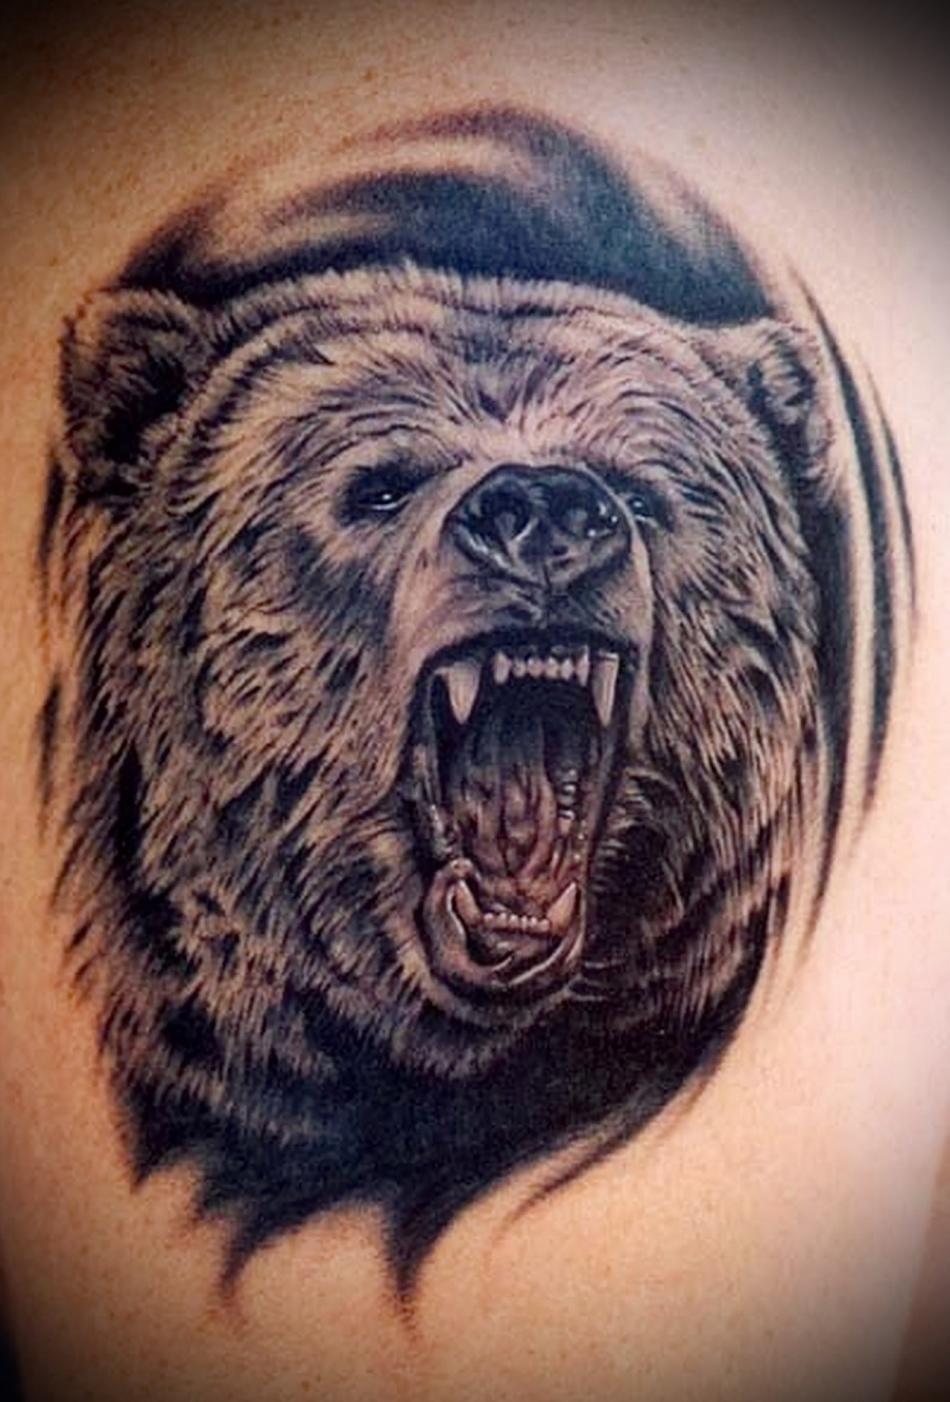 Медведь в качестве тюремной татуировки